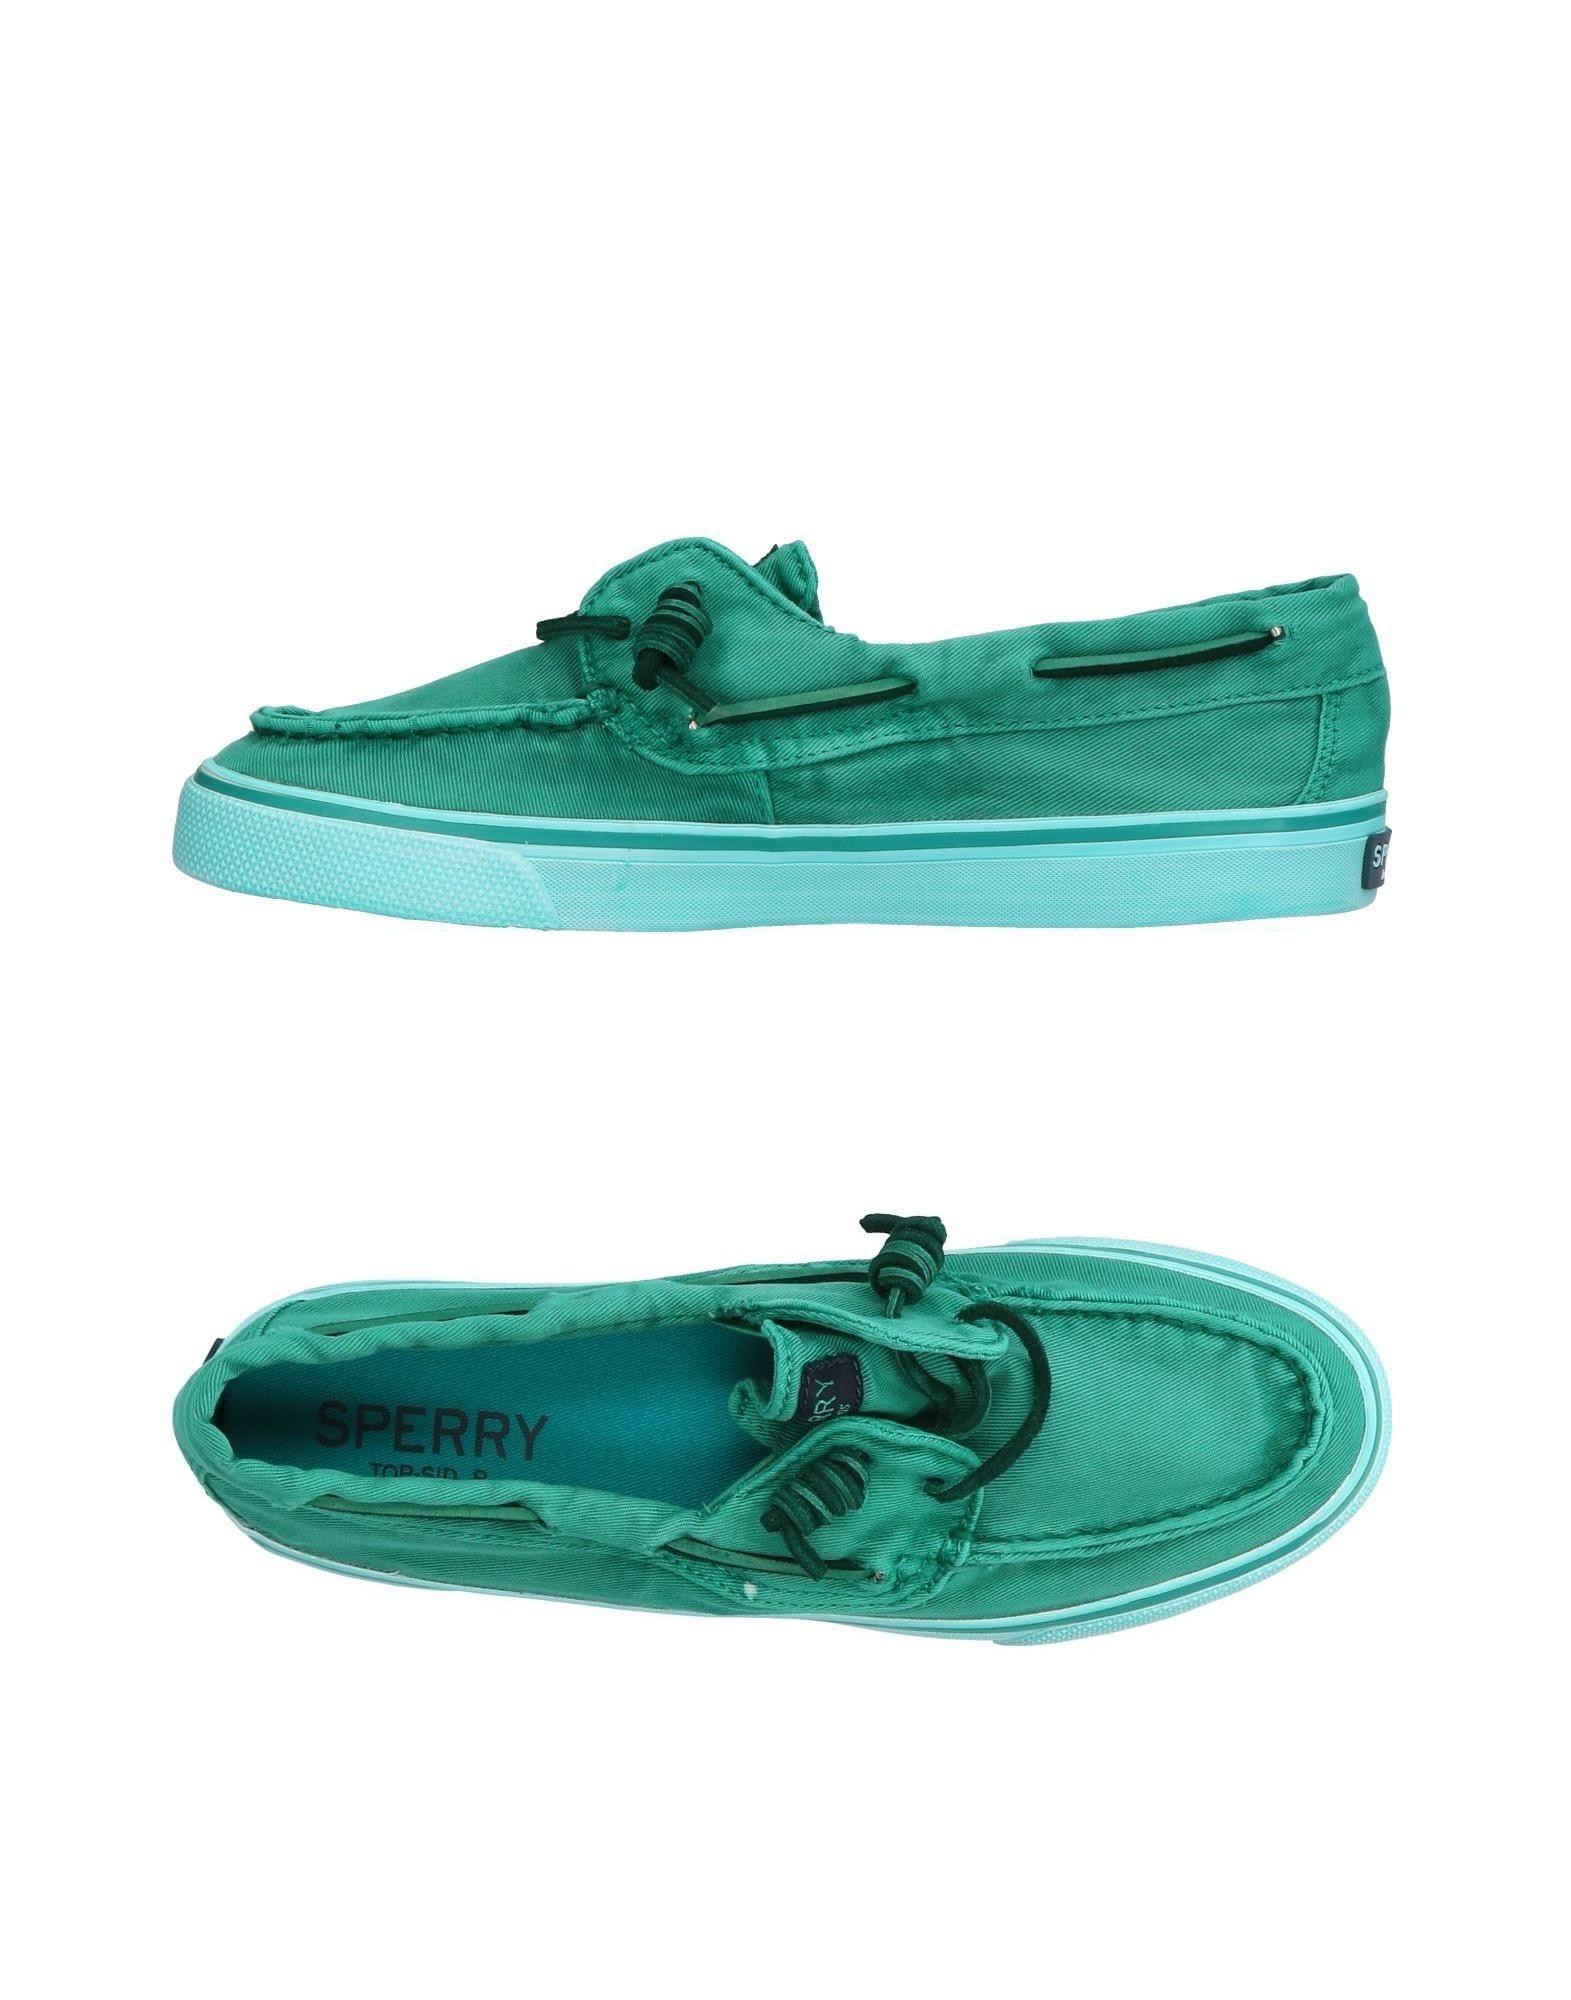 Sperry Top 11354162EC Gute Qualität beliebte Schuhe